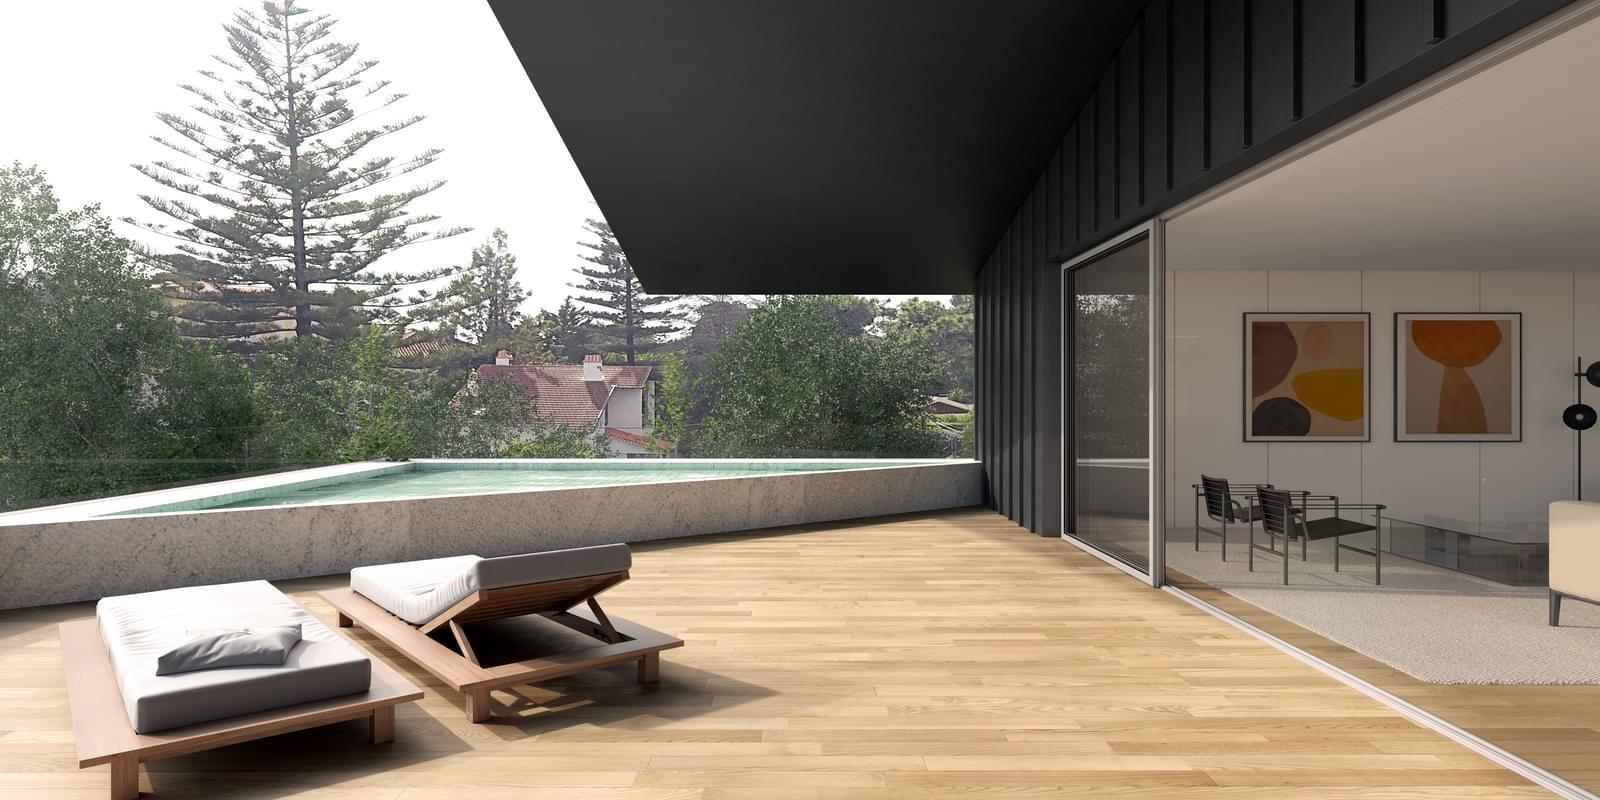 4 Bedroom Apartment Estoril, Lisbon Ref: ASA155F